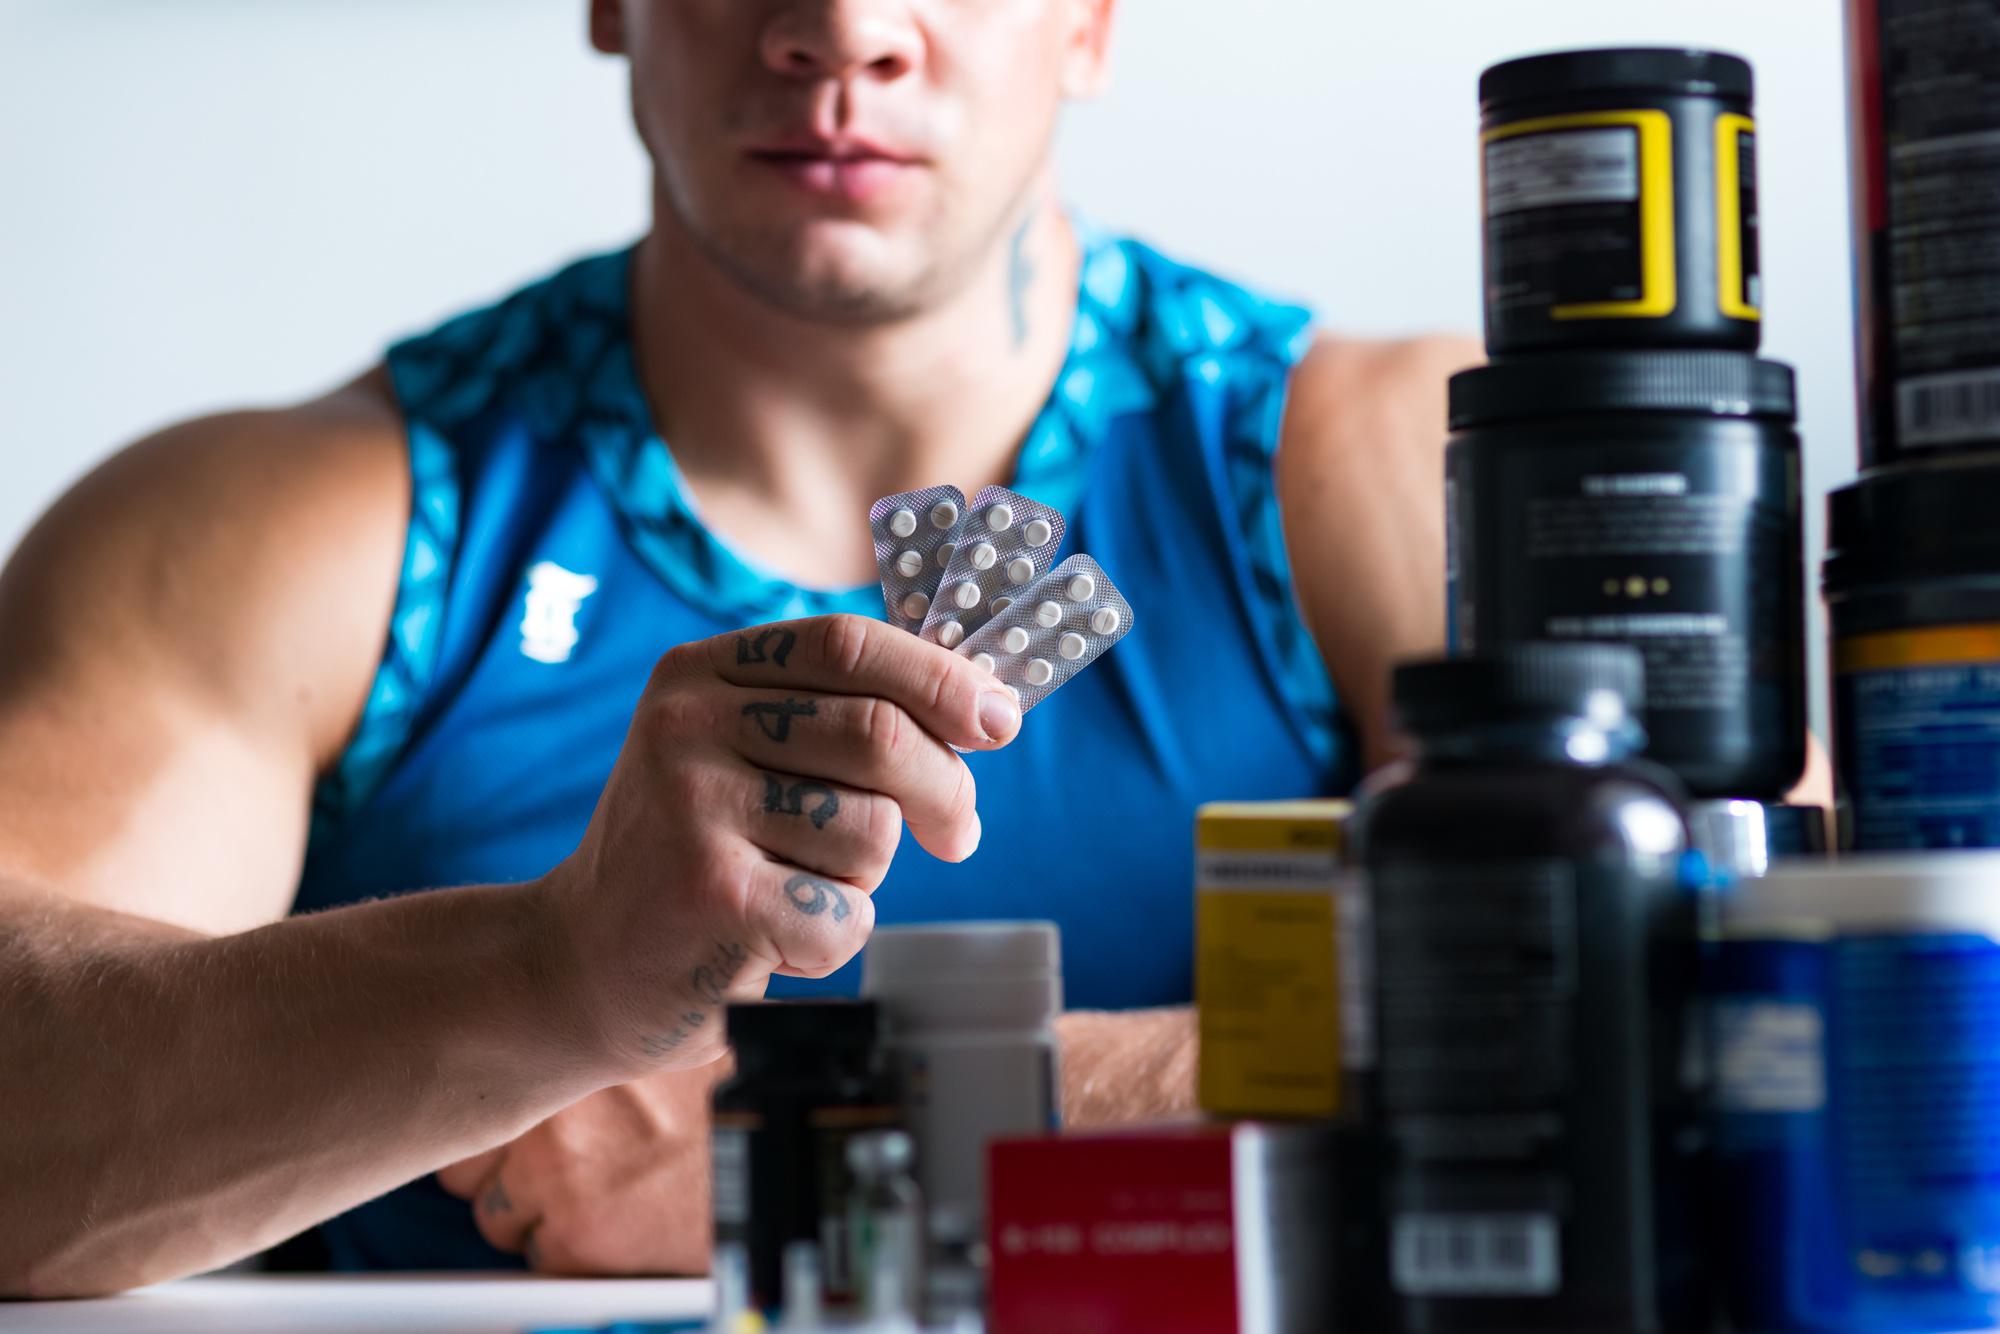 مکمل های ورزشی-مکمل های غذایی-بدنسازی-تناسب اندام-باشگاه بدنسازی